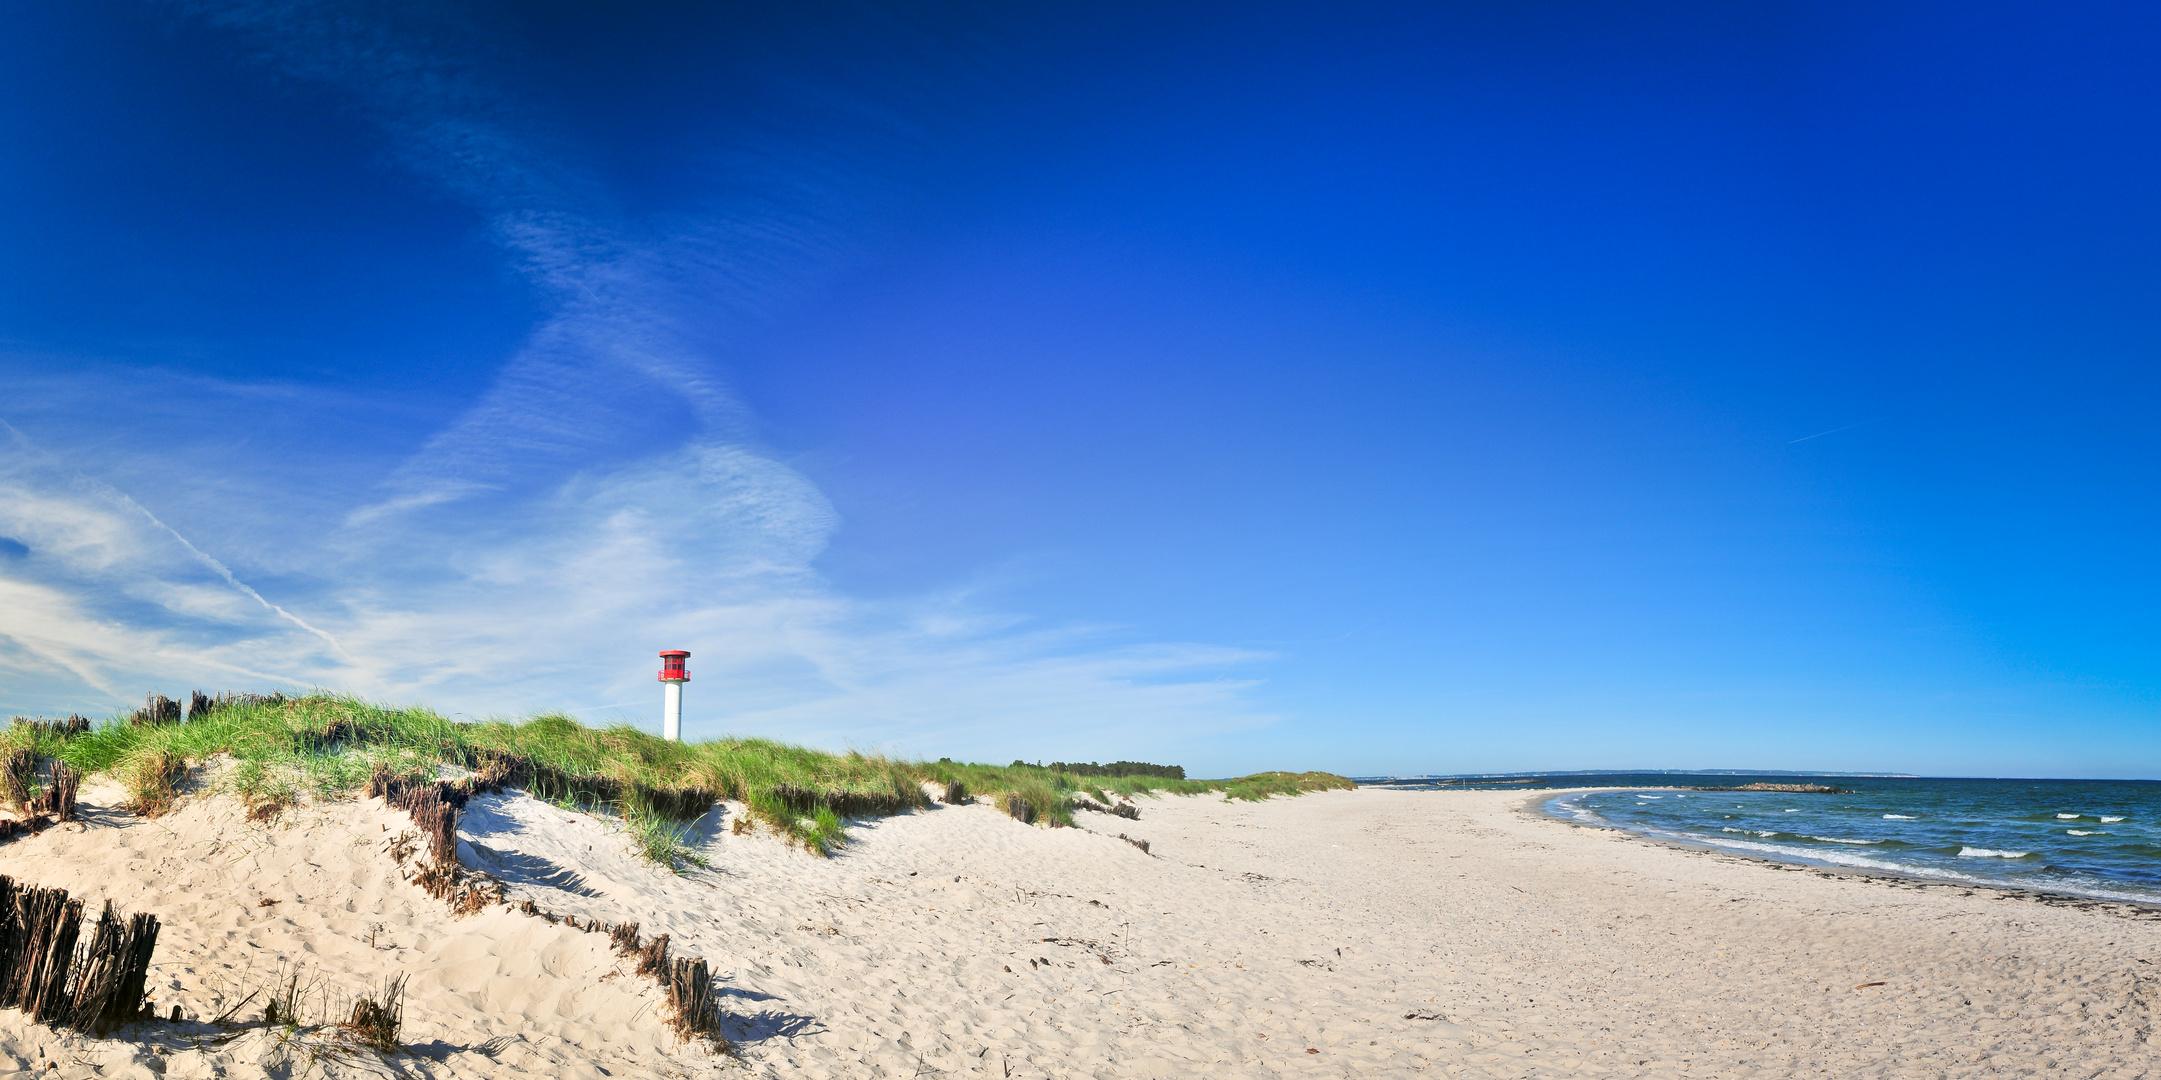 sommer sonne strand und meer foto  bild  deutschland